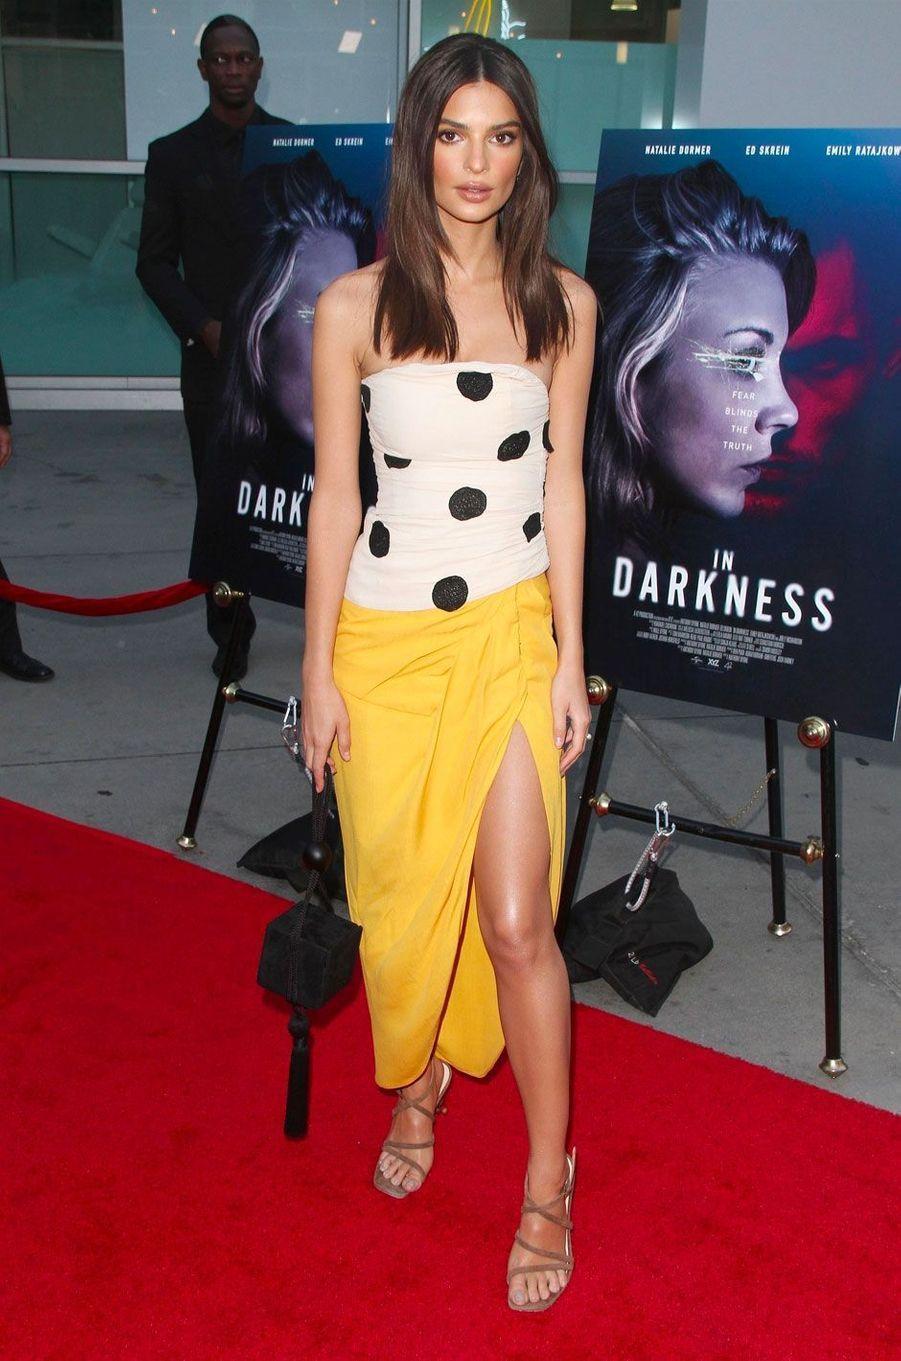 Emily Ratajkowski à la première de 'In Darkness' à Los Angeles, le 23 mai 2018